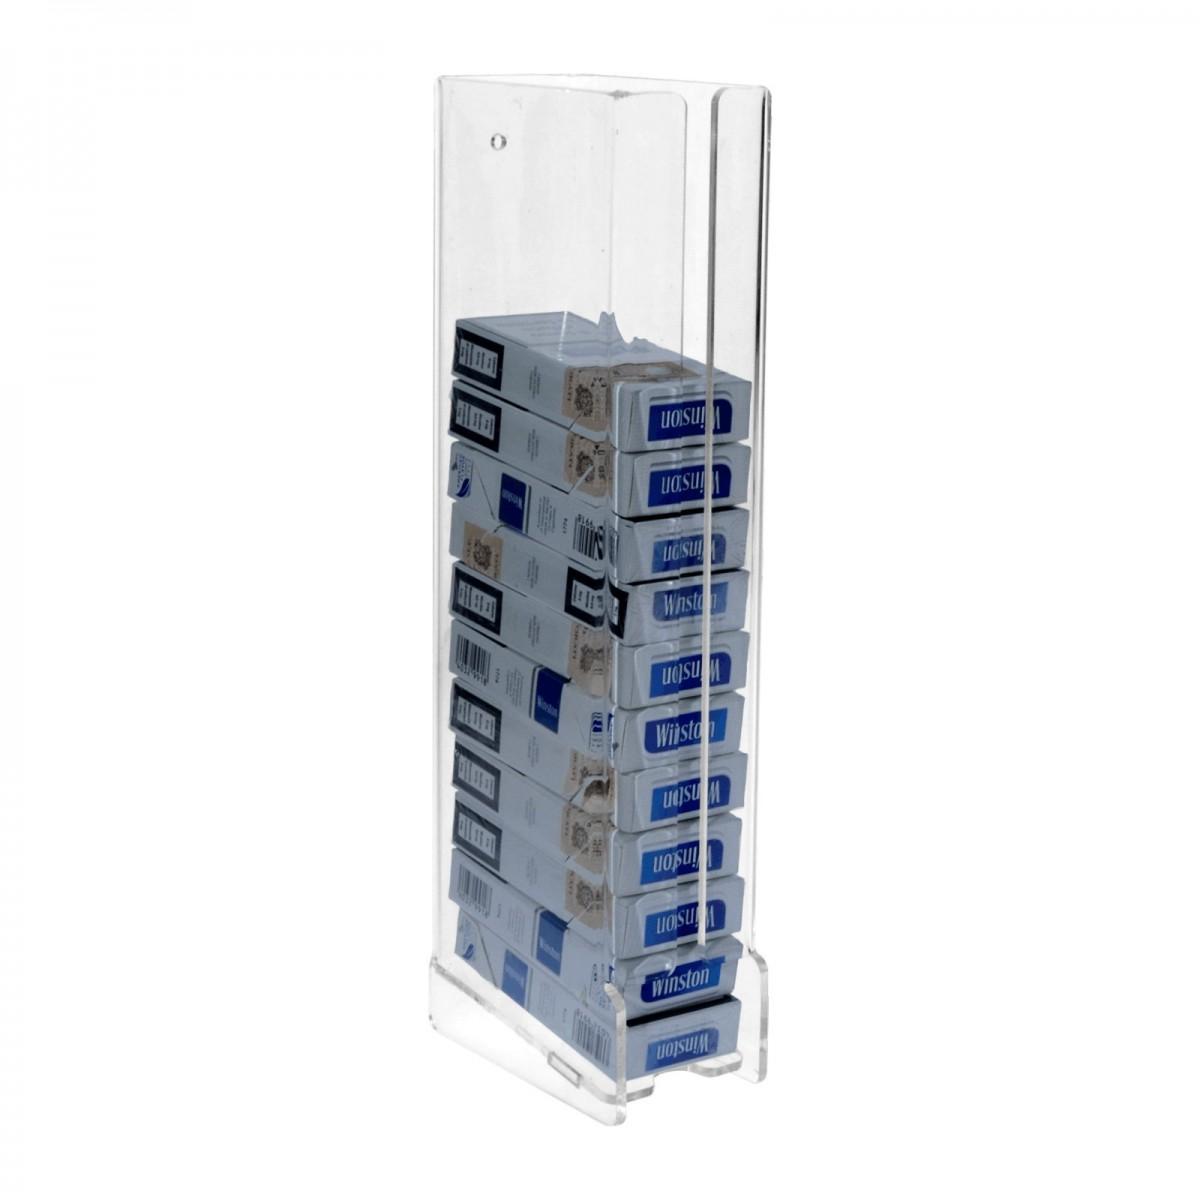 E-232 - Espositore porta sigarette da parete in plexiglass trasparente per sigarette da 20